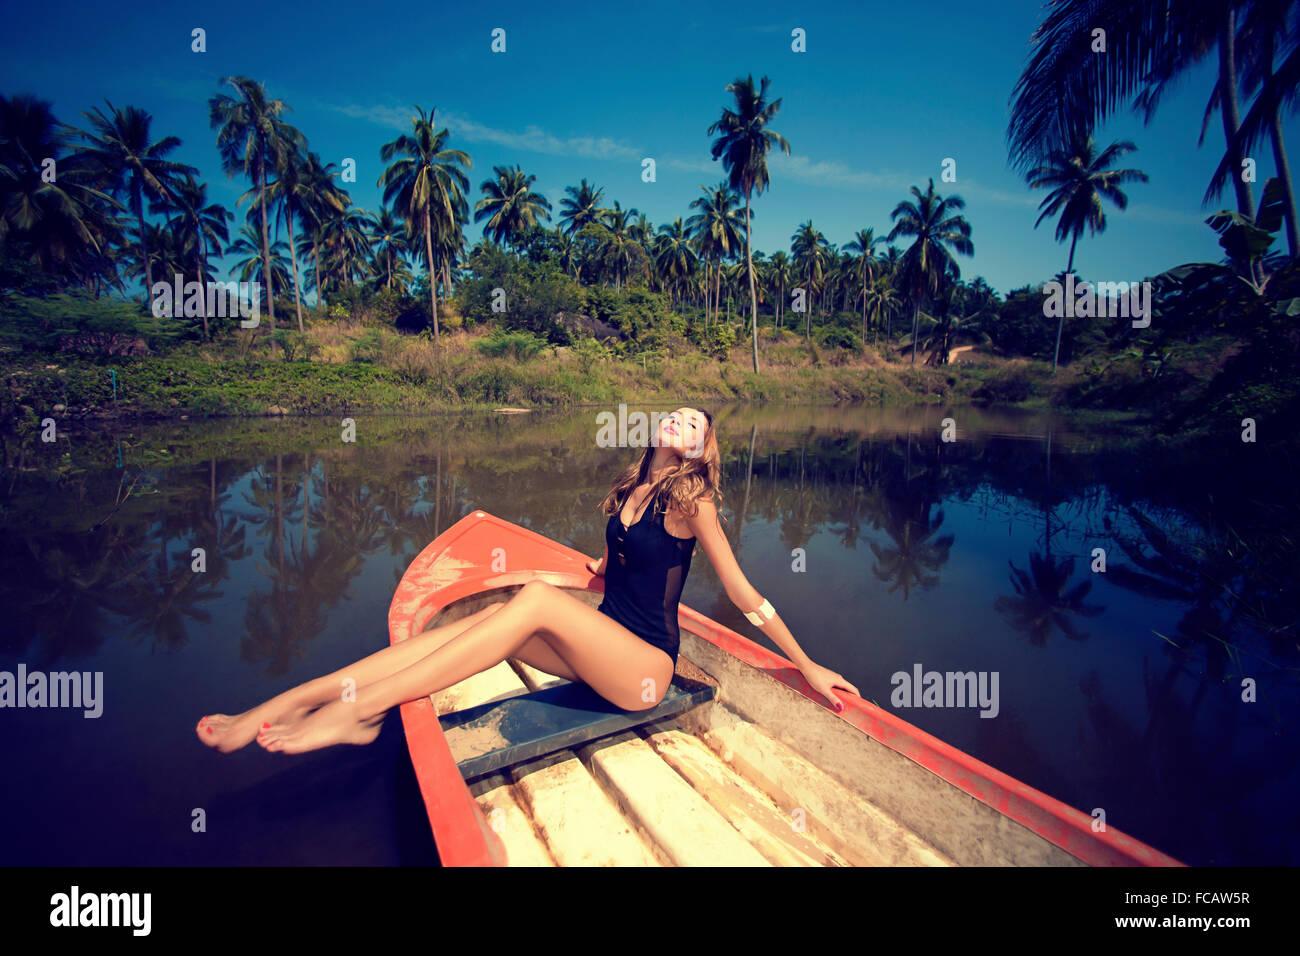 Frau posiert auf Boot Stockbild